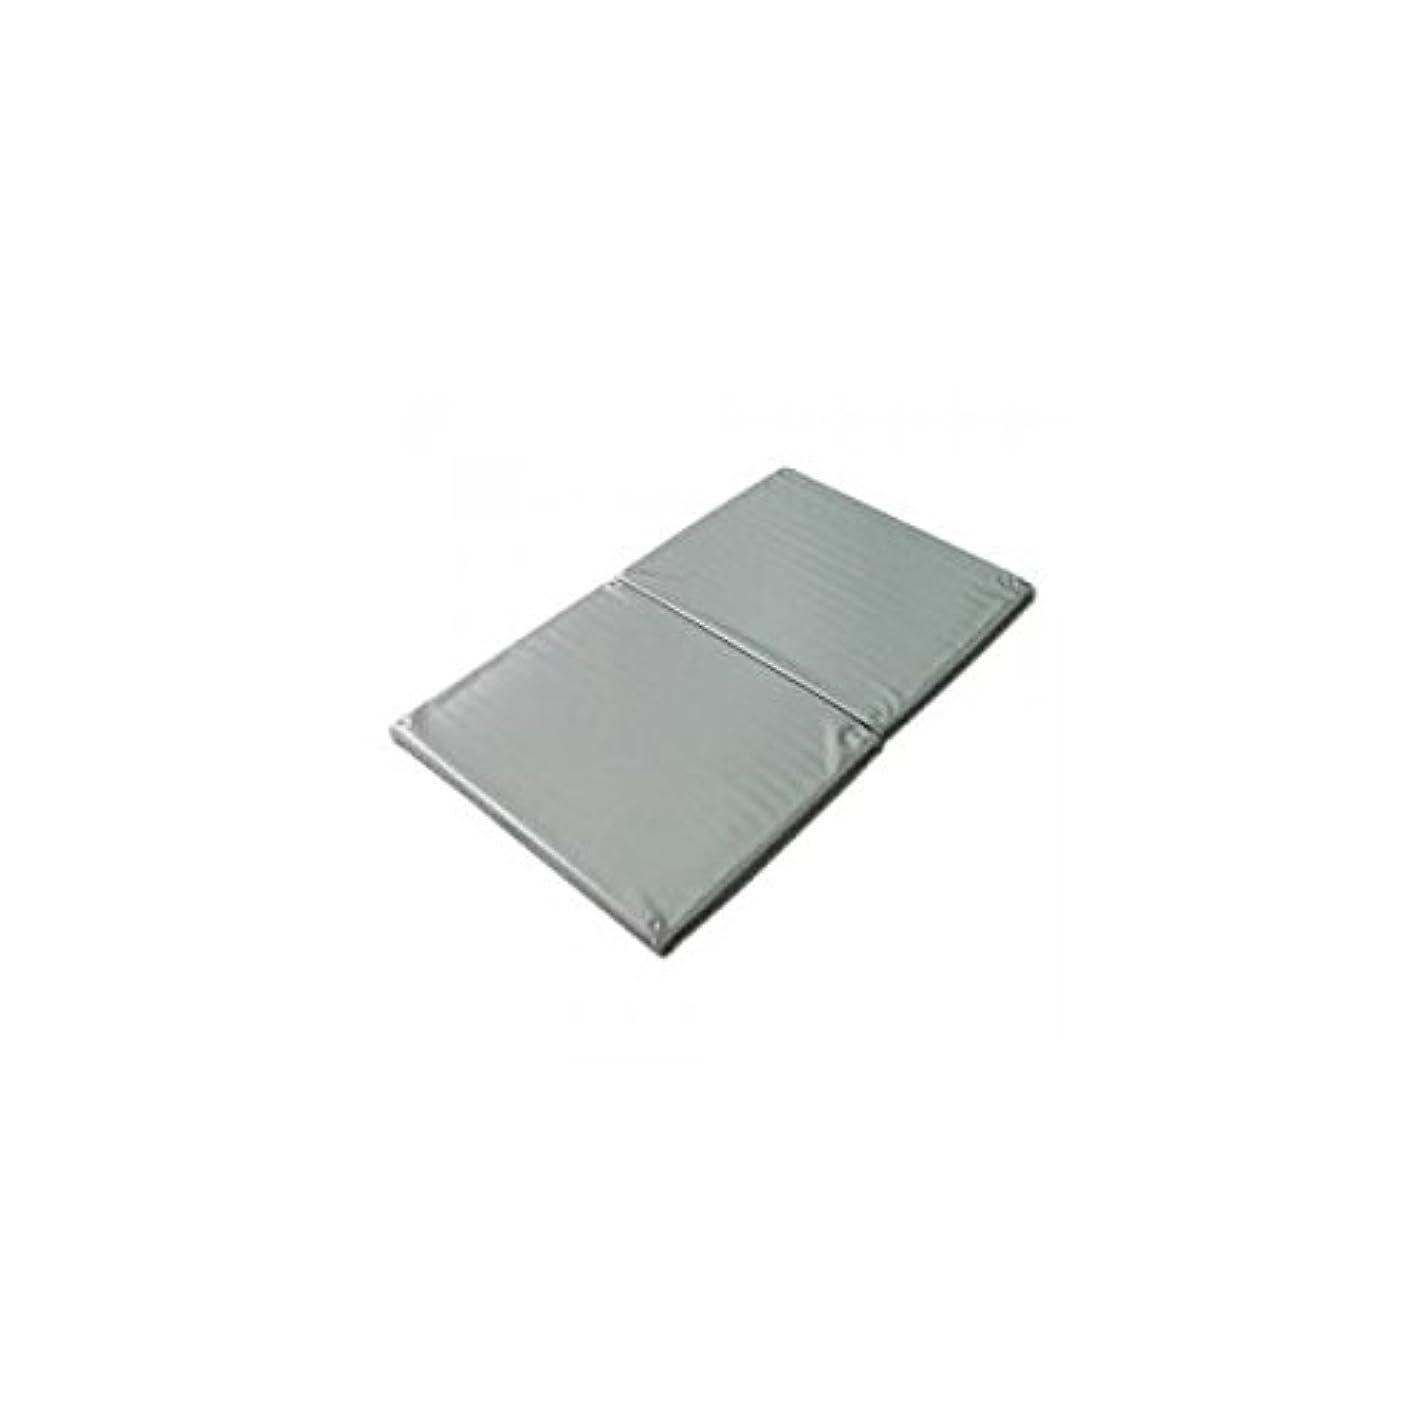 フライカイトレッスンウィザードヨックお風呂のマッサージ用マットP(2ツ折)シルバー 120×70cm│防水マッサージマット ポリエチレン製